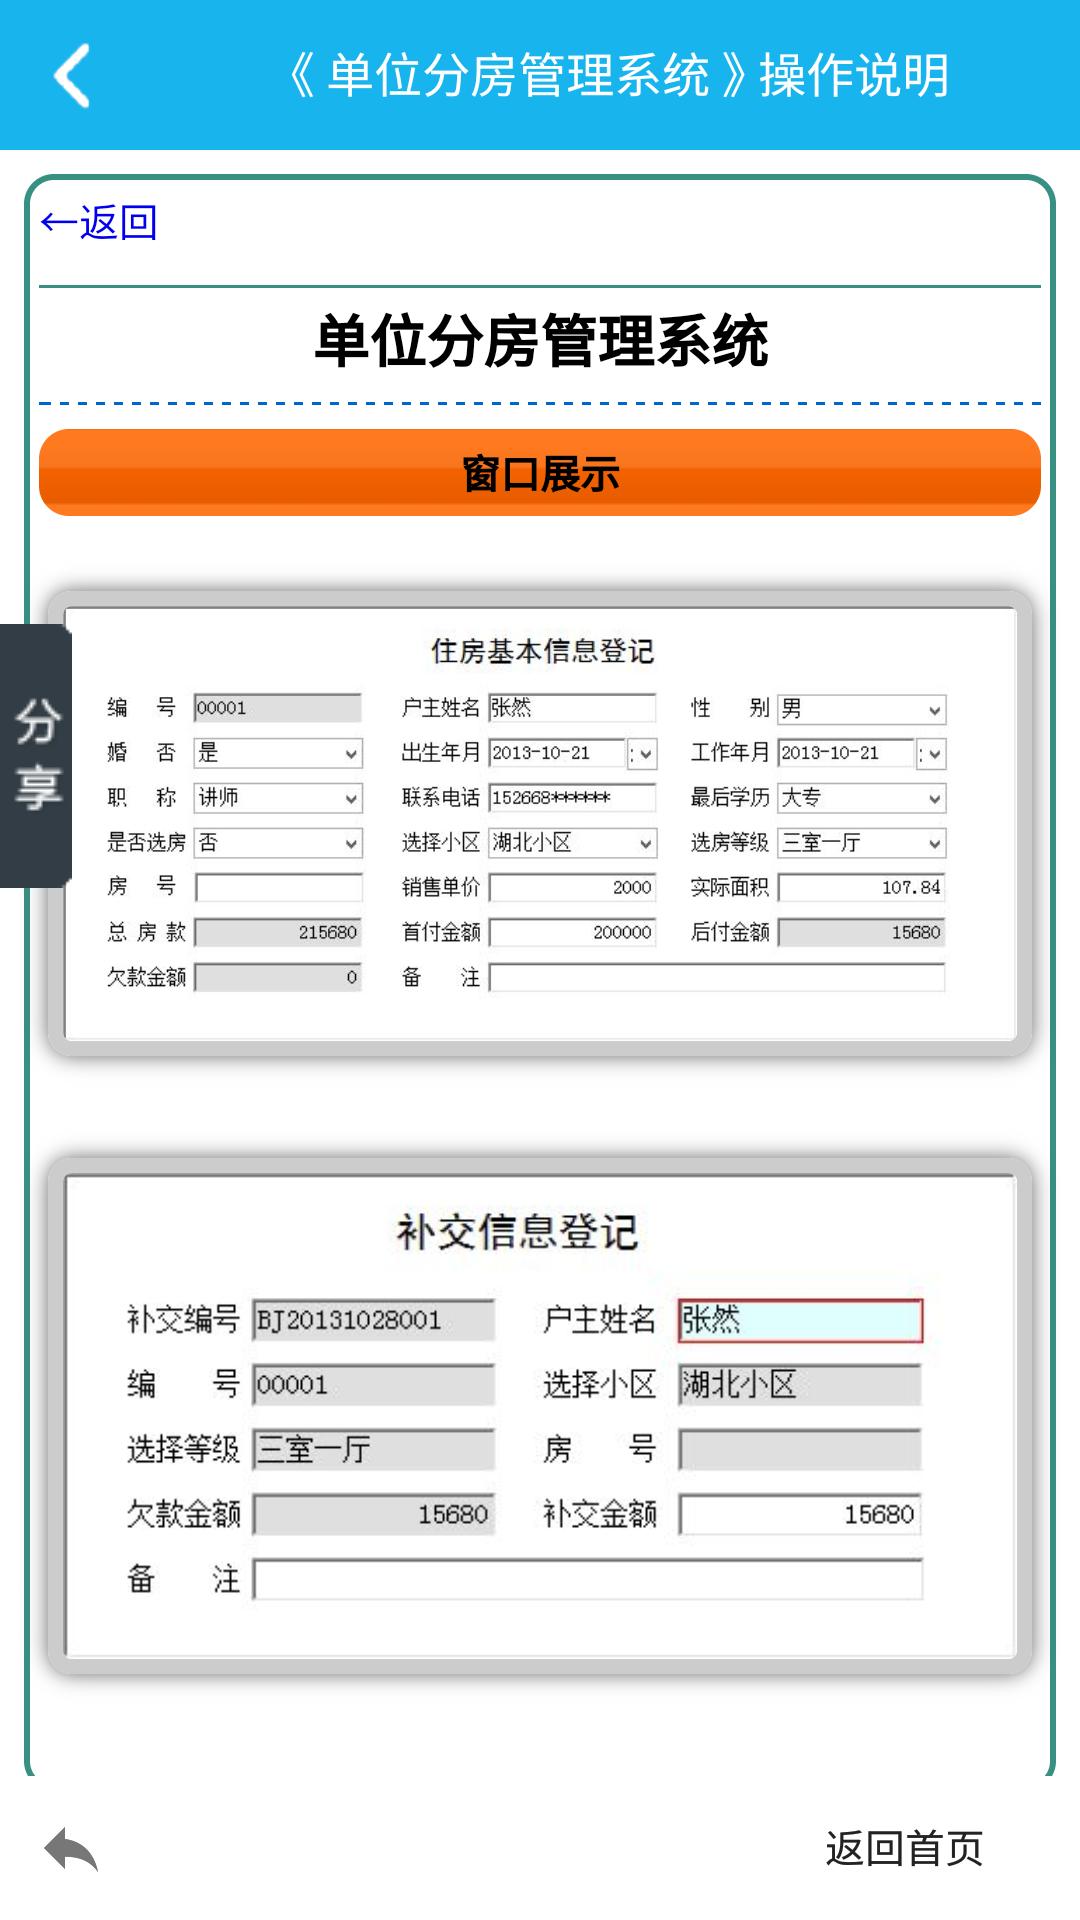 单位分房管理系统